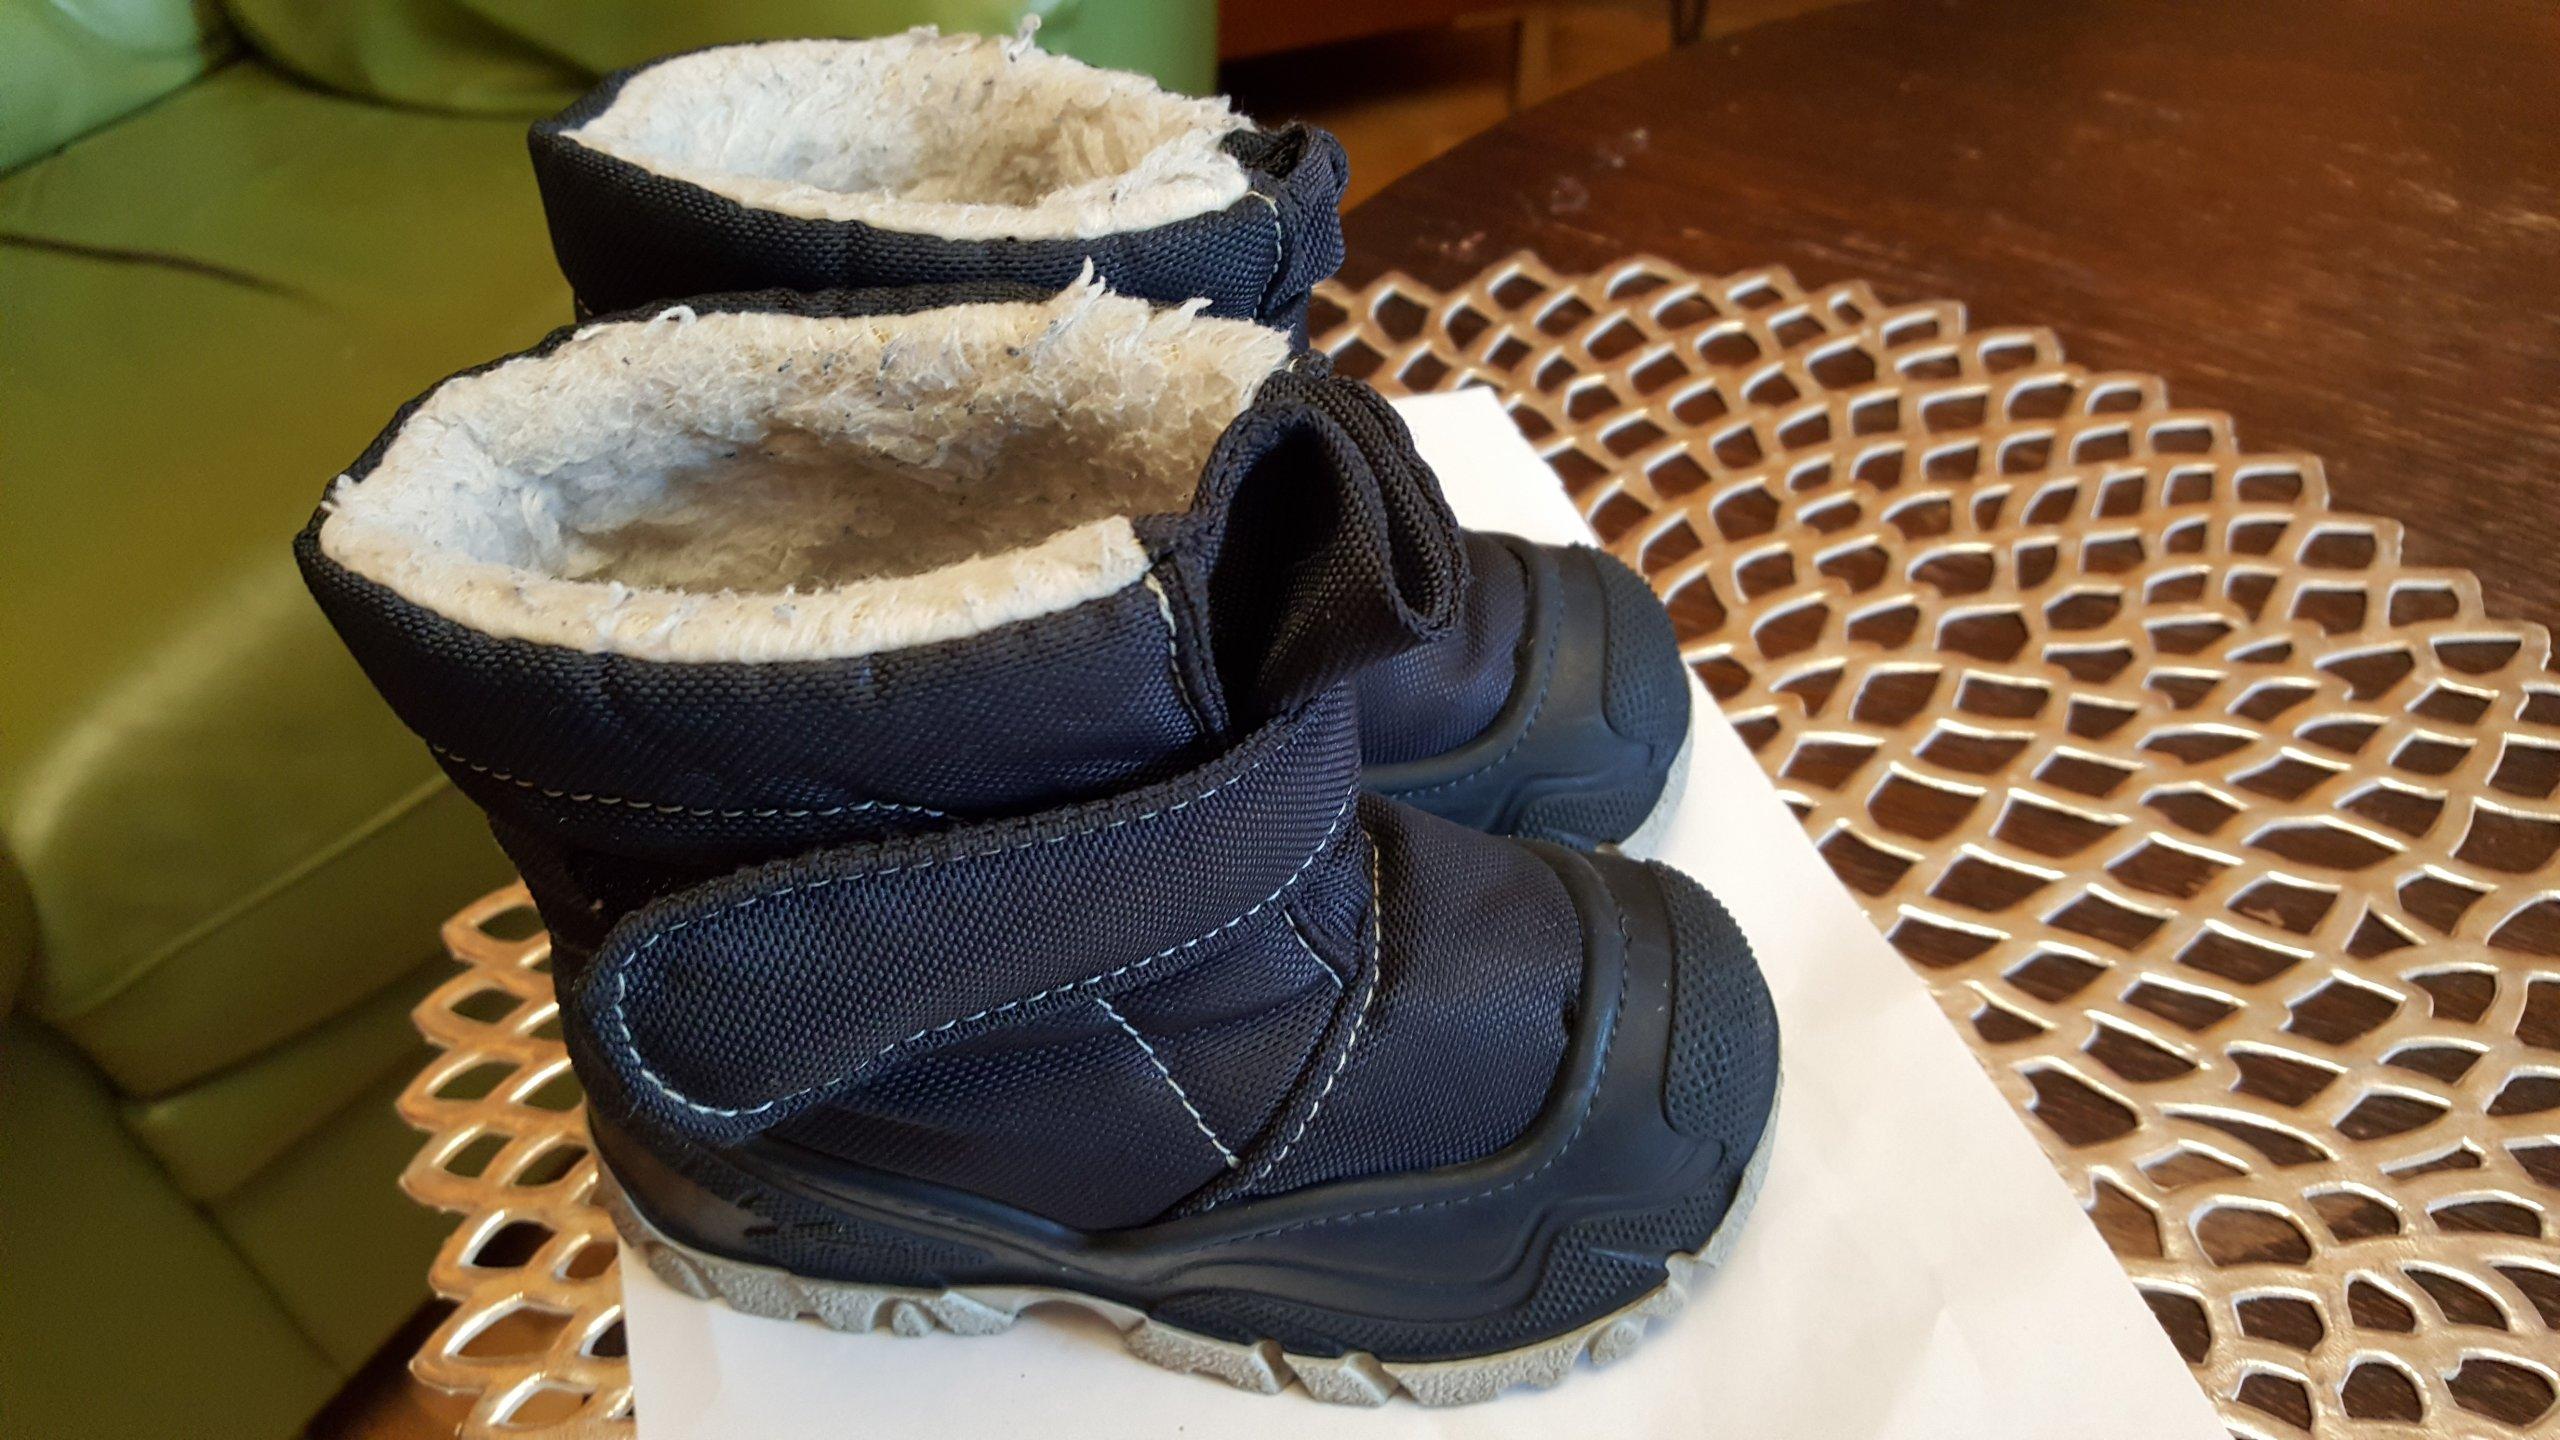 super buty zimowe kozaki roz 22-23 17cm